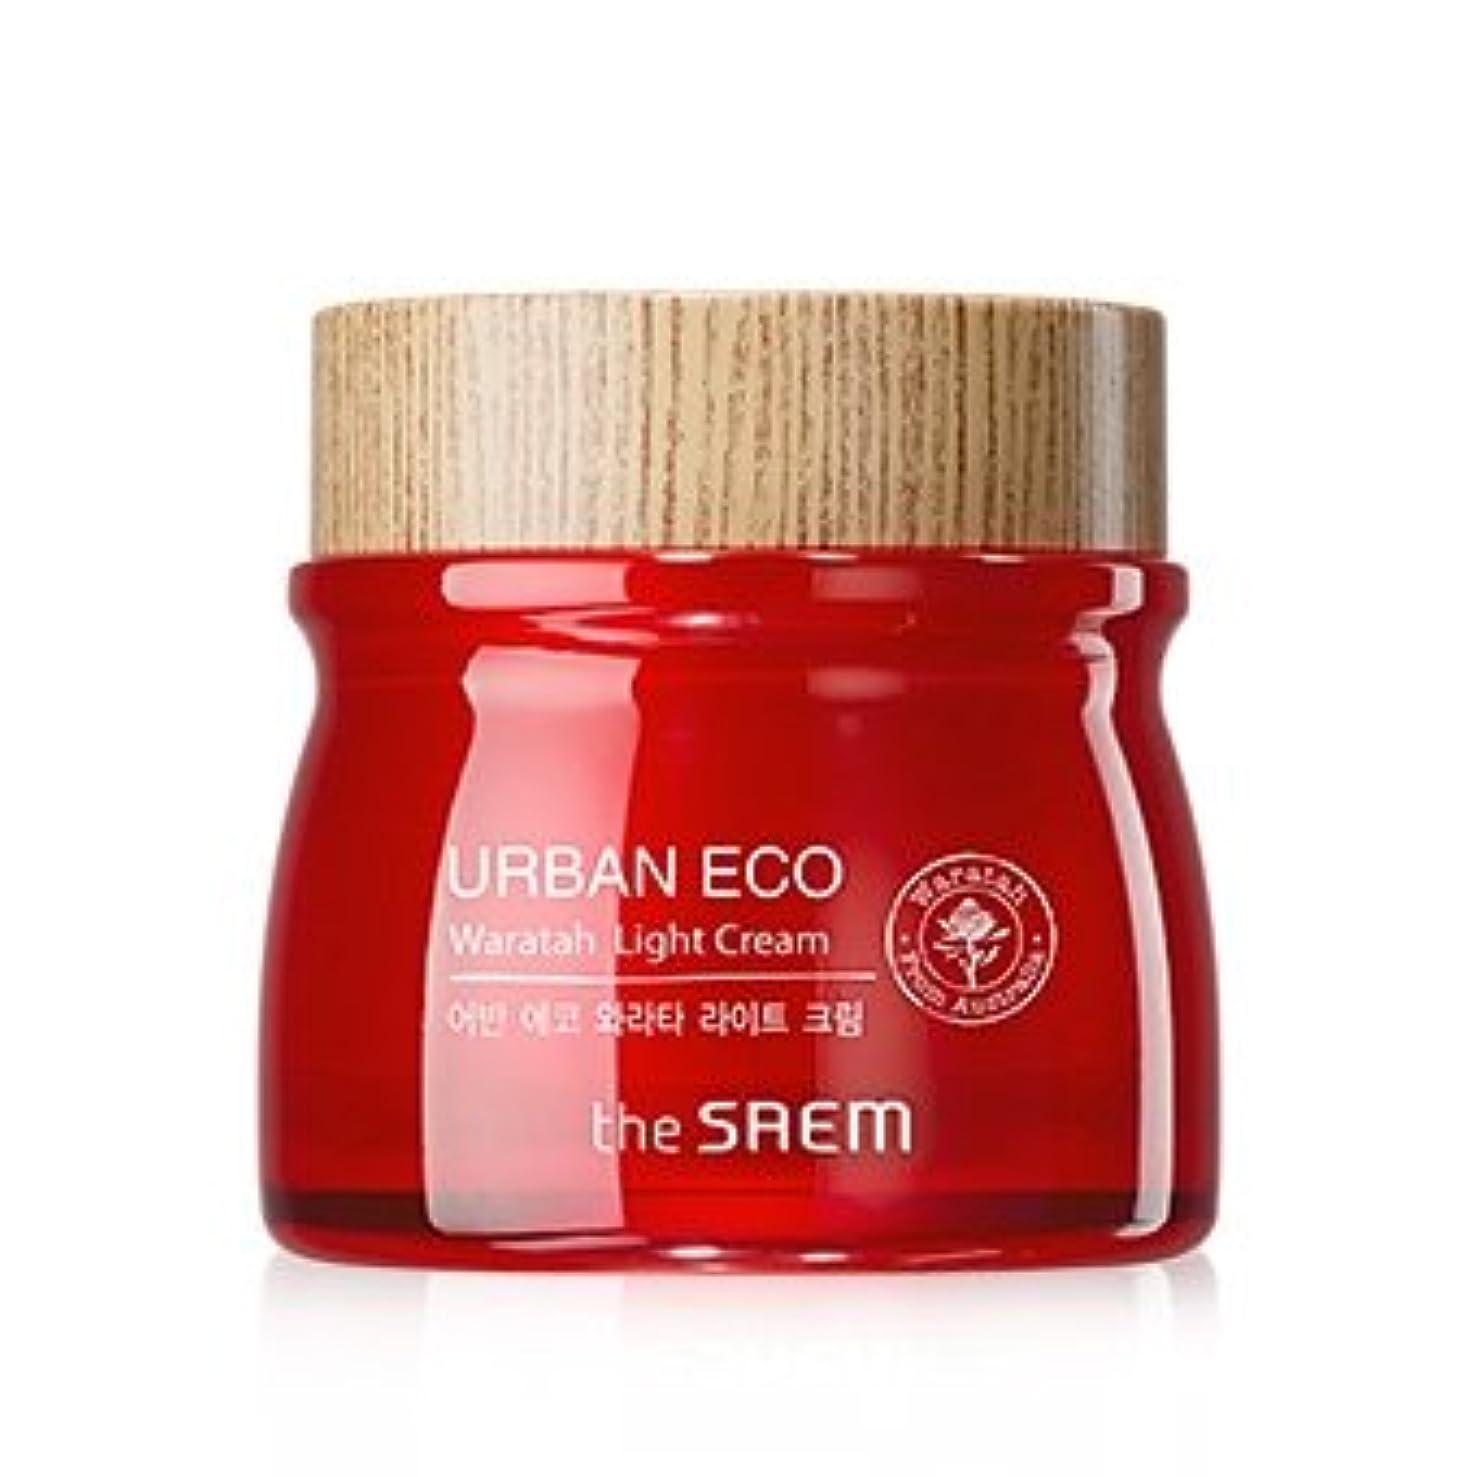 解読するやさしくメモThe Saem Urban Eco Waratah Light Cream 60ml ドセム アーバンエコワラターライトクリーム60ml[並行輸入品]